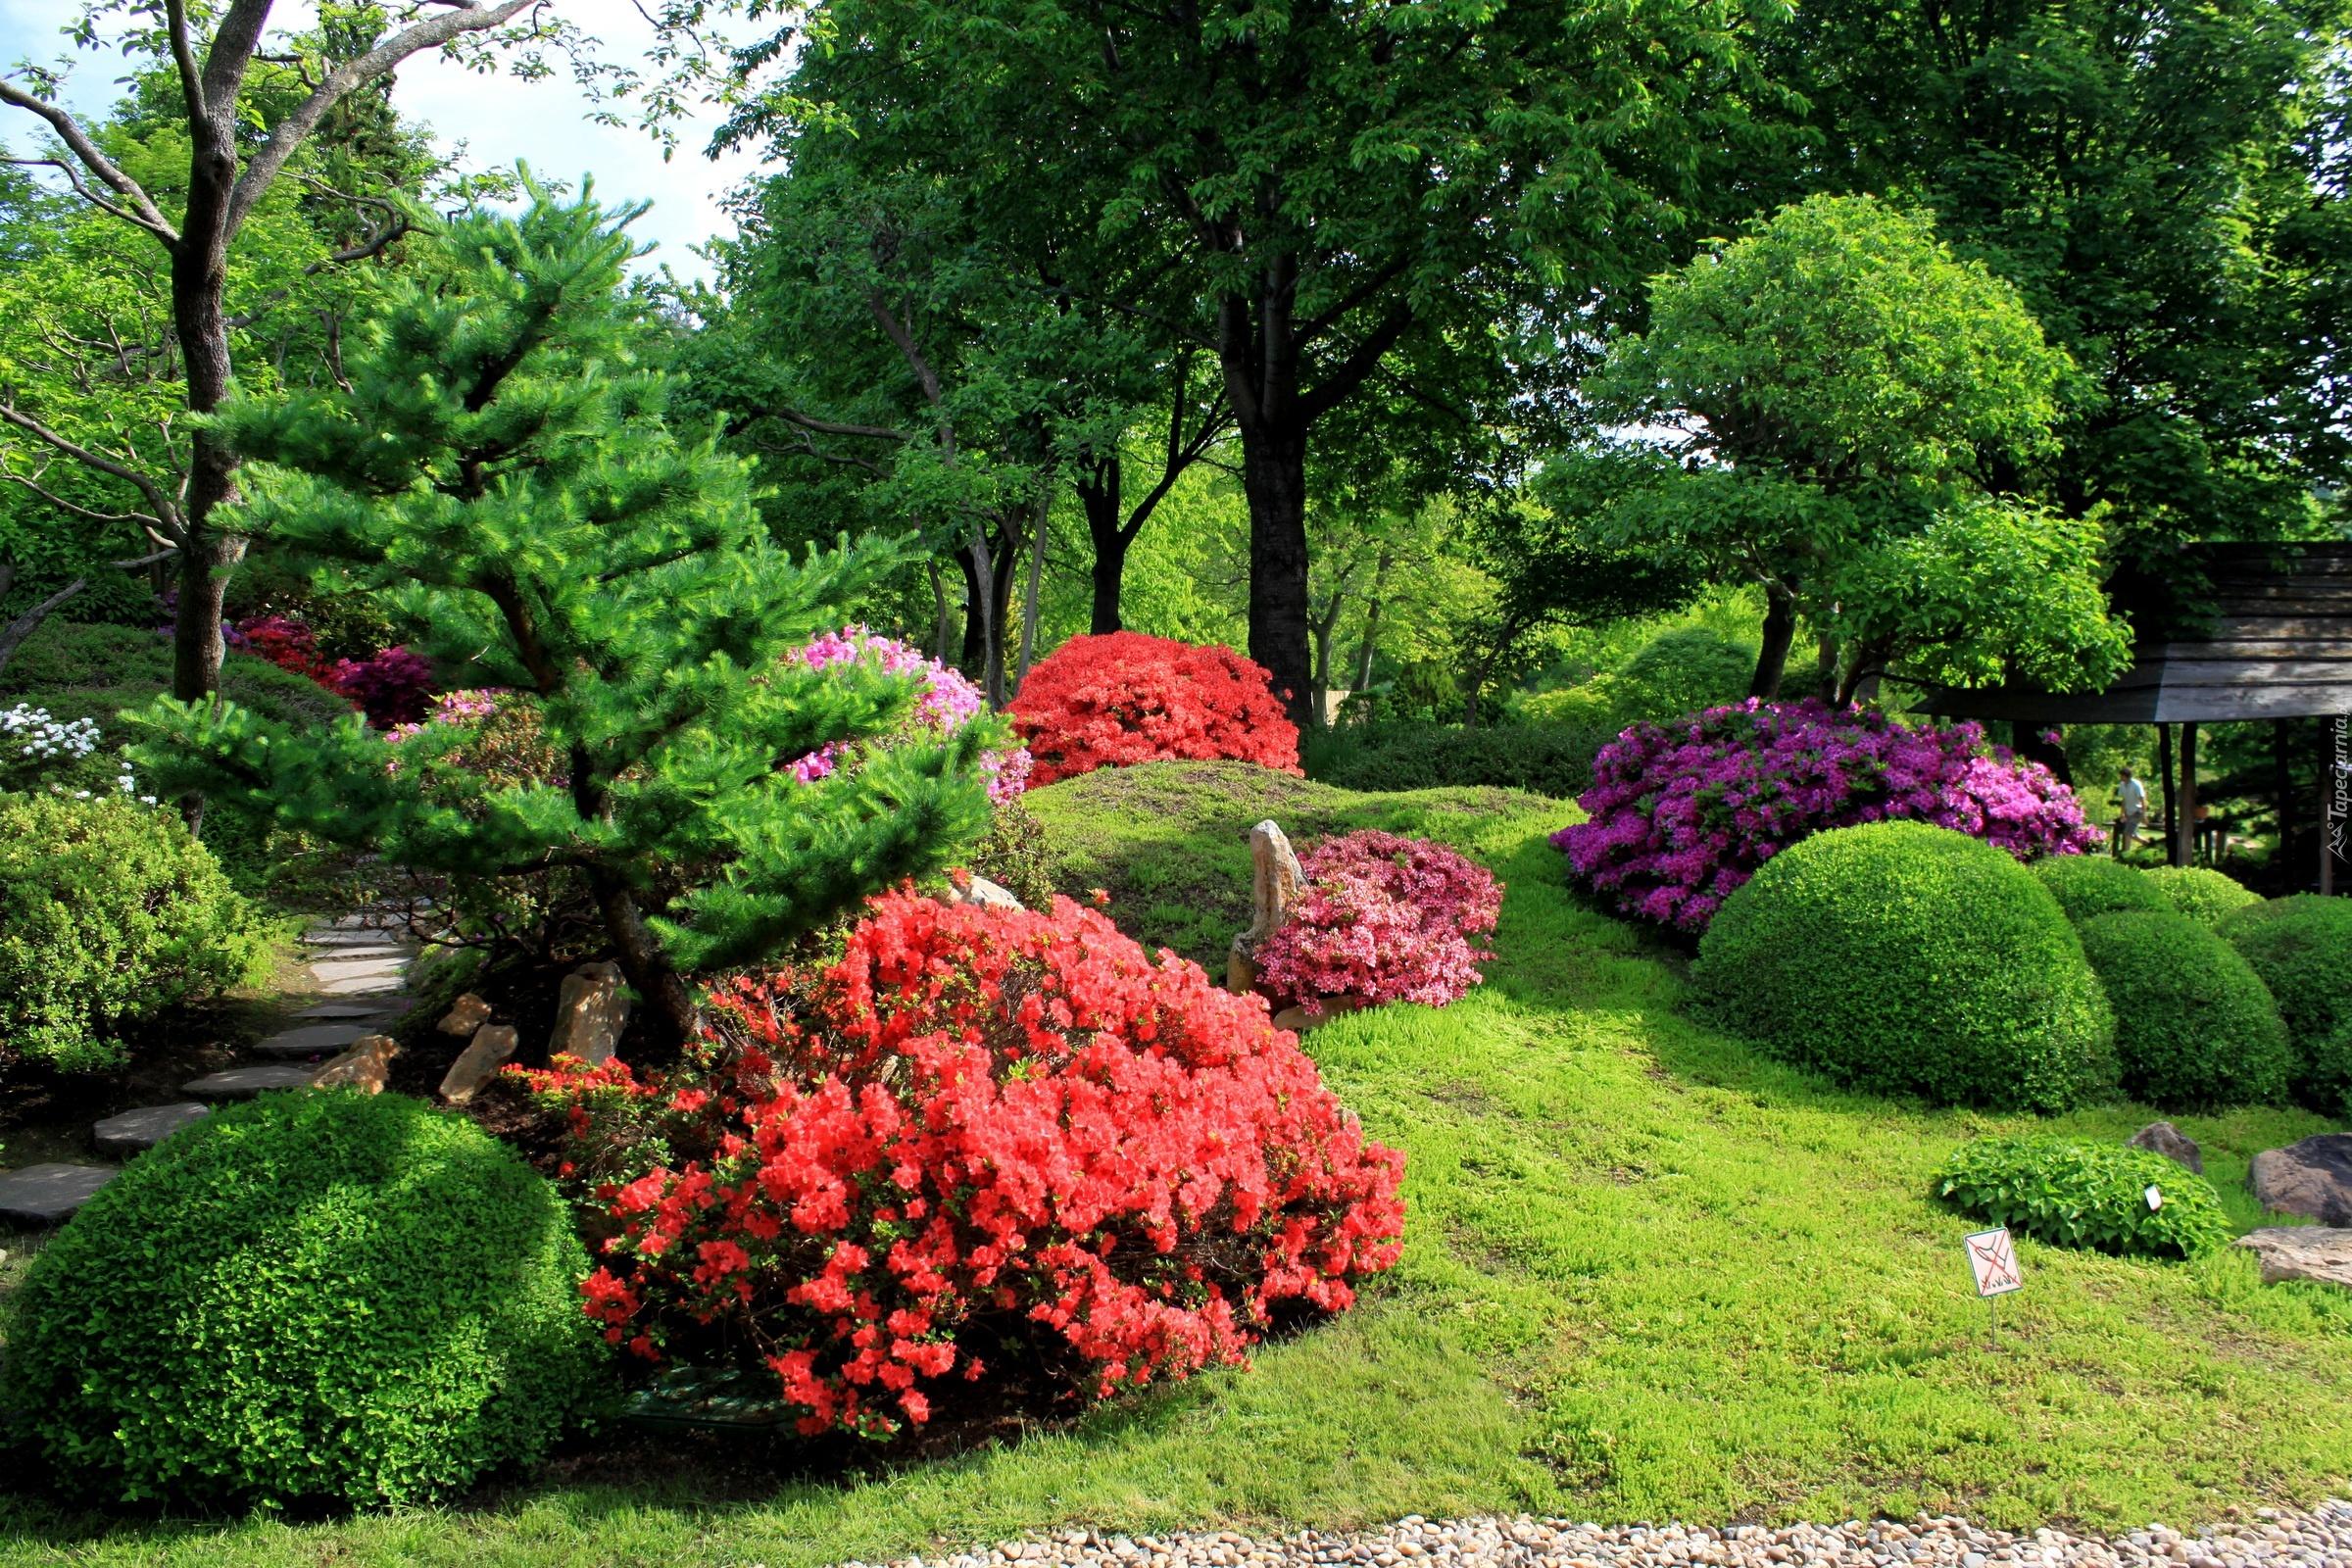 Ogród, Piękne, Kwitnące, Krzewy, Drzewa